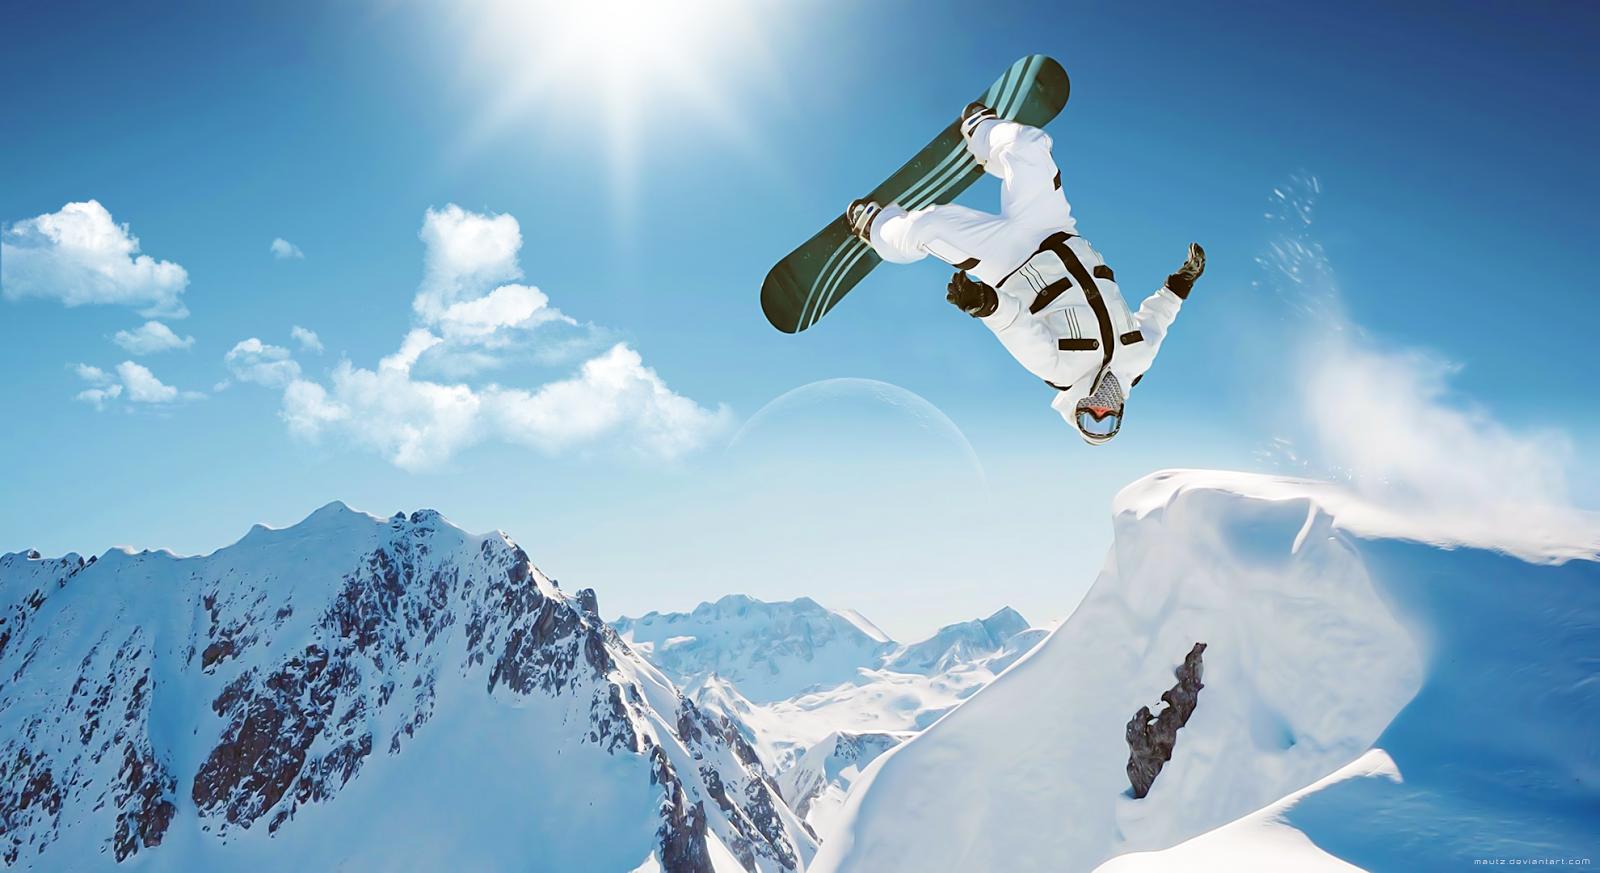 snowboard_jump_by_mautz-d5ejqs1